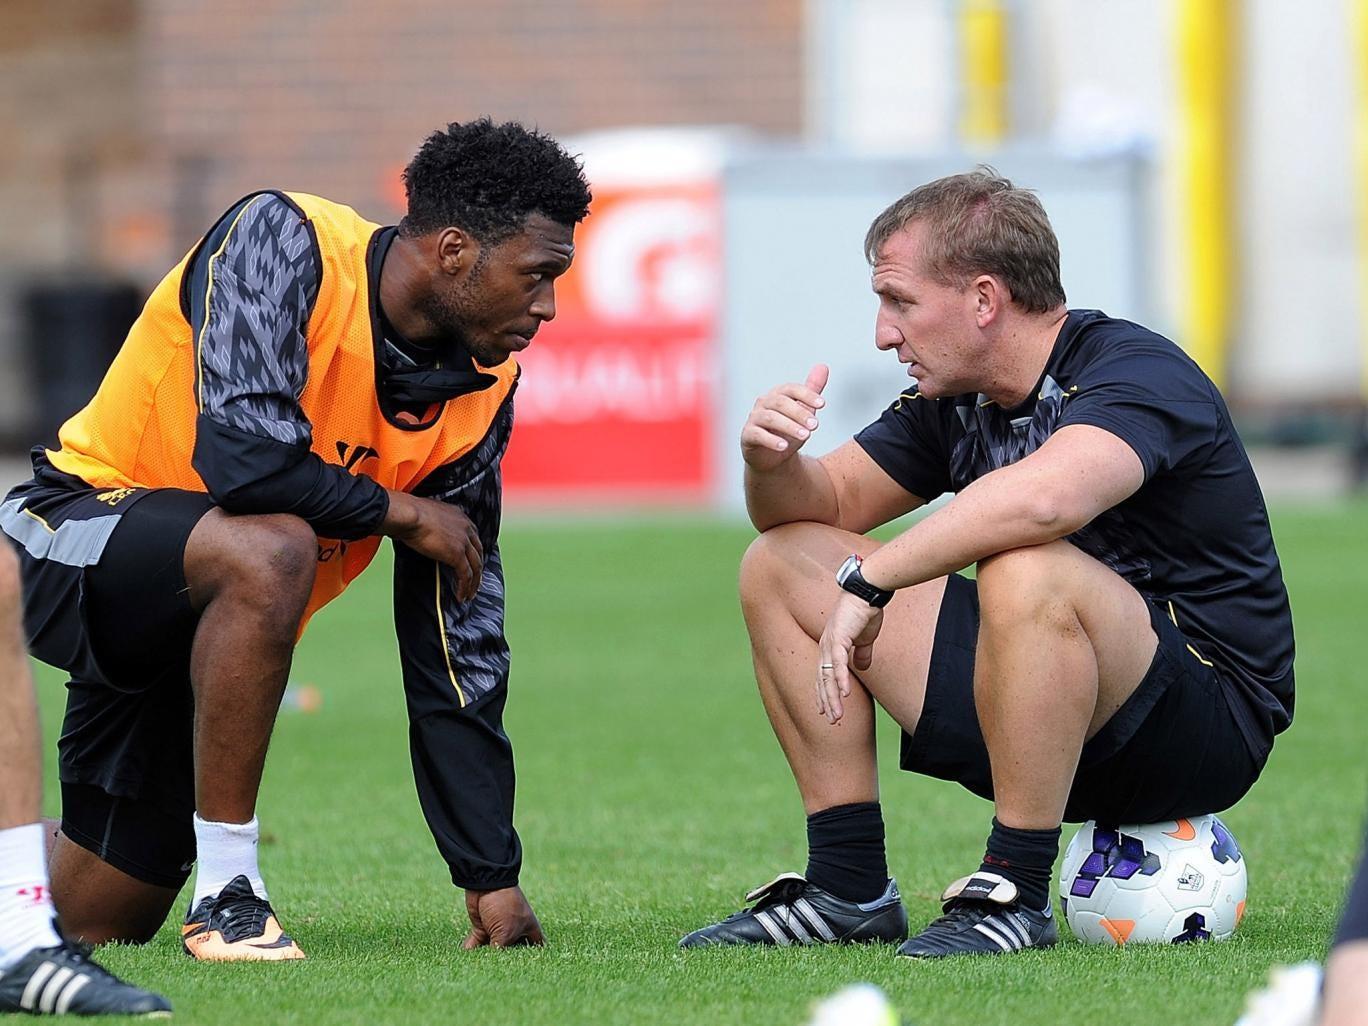 Brendan Rodgers talks with Daniel Sturridge